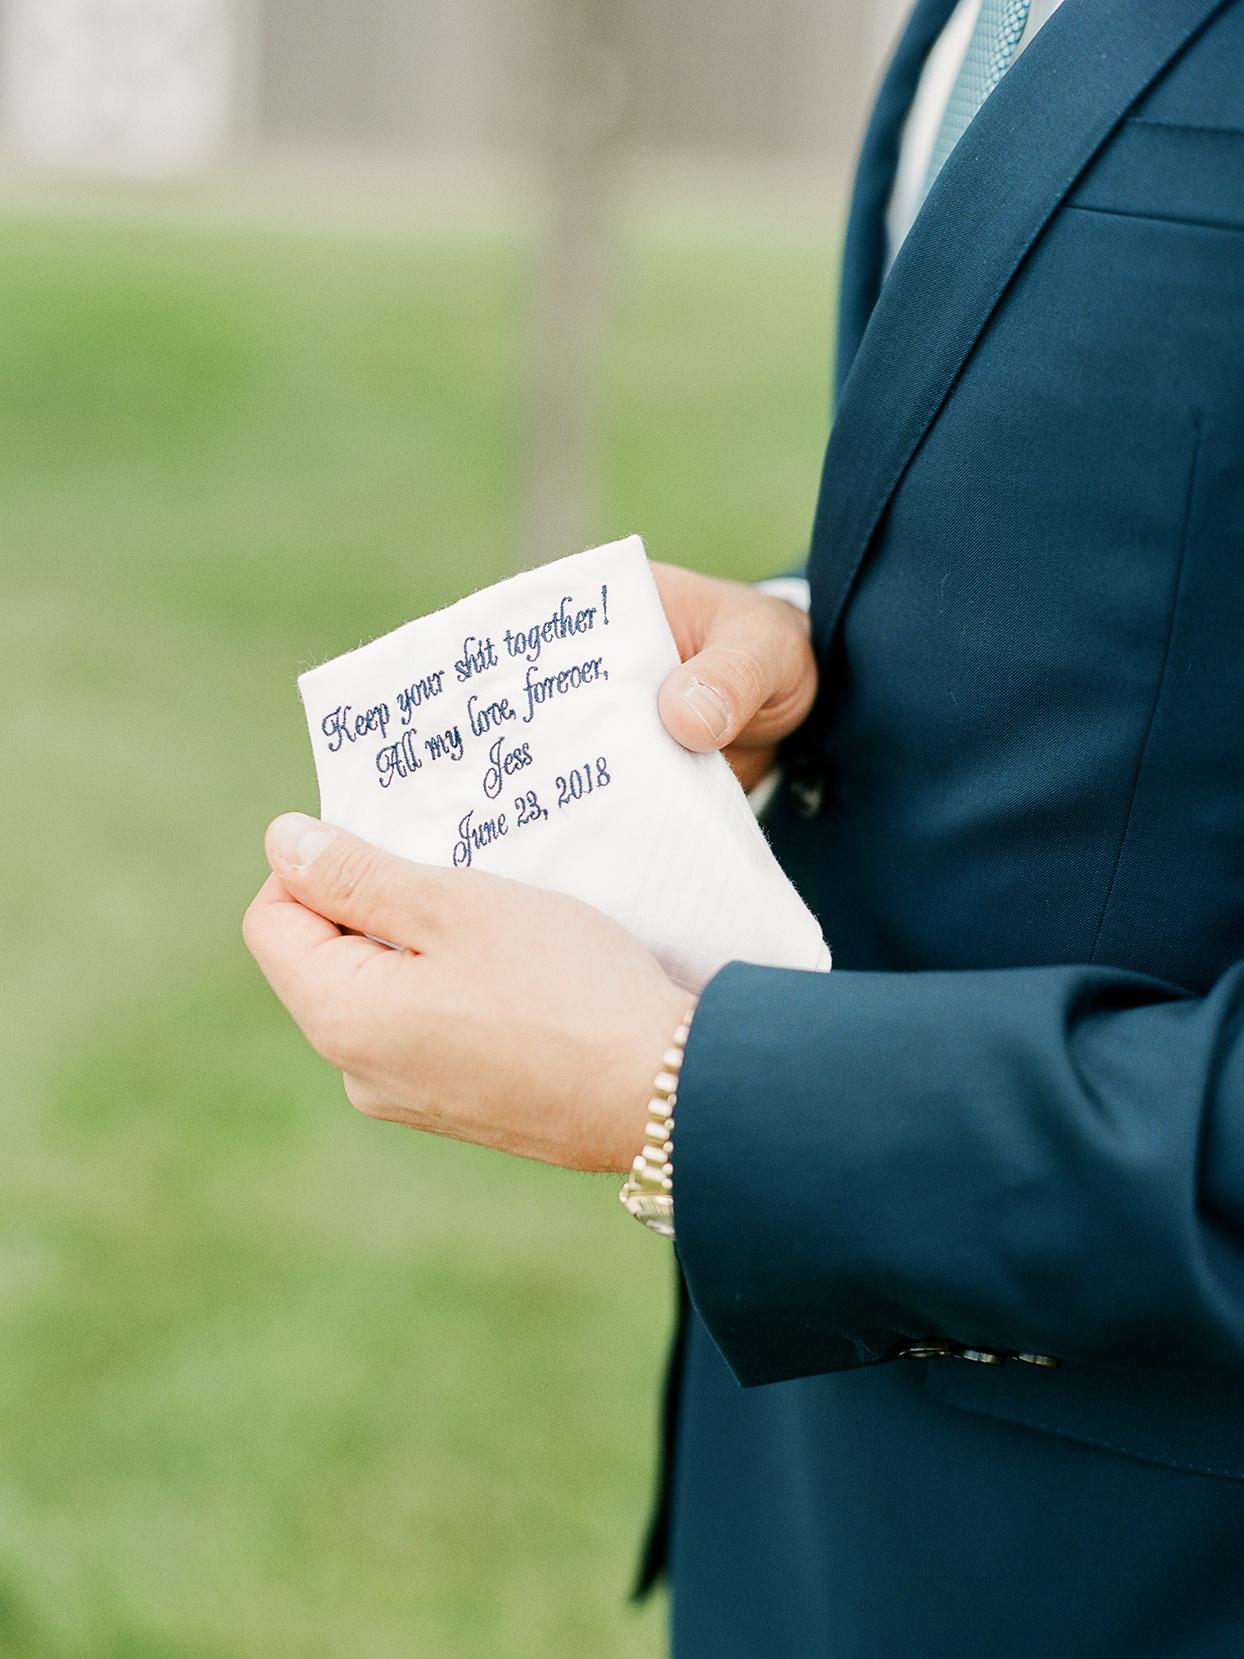 jessica aaron wedding handkerchief in groom's hand